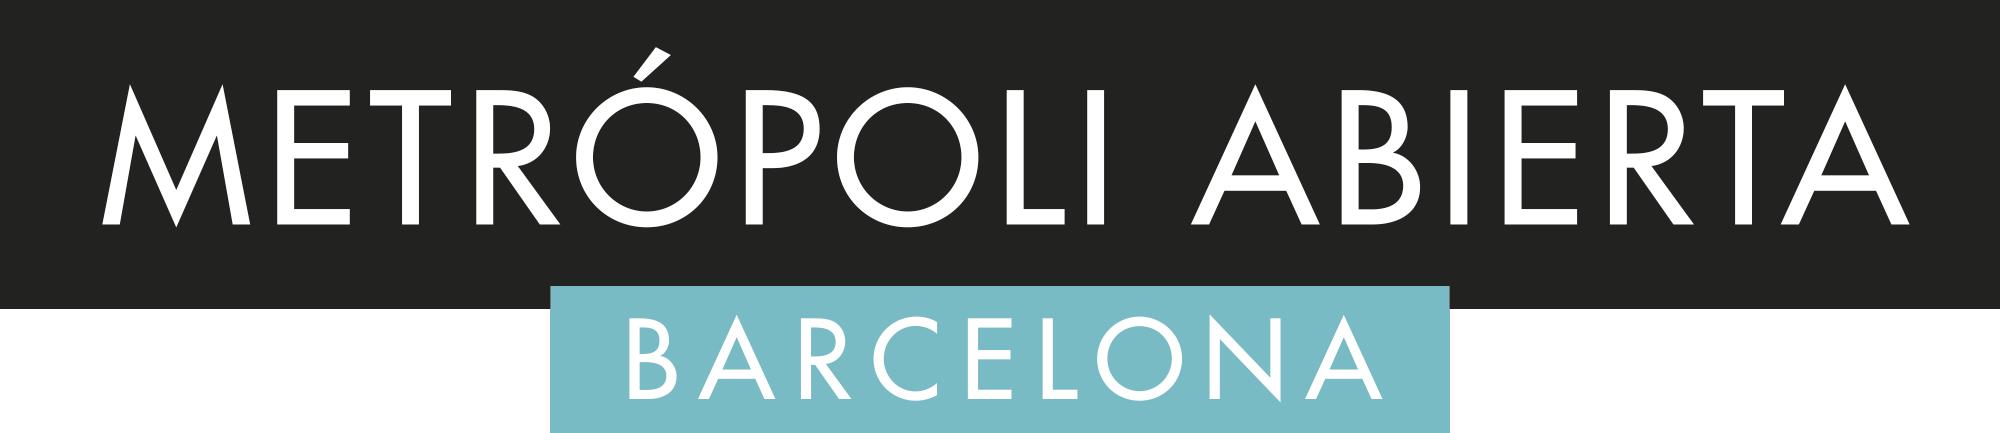 metropoli abierta barcelona logo